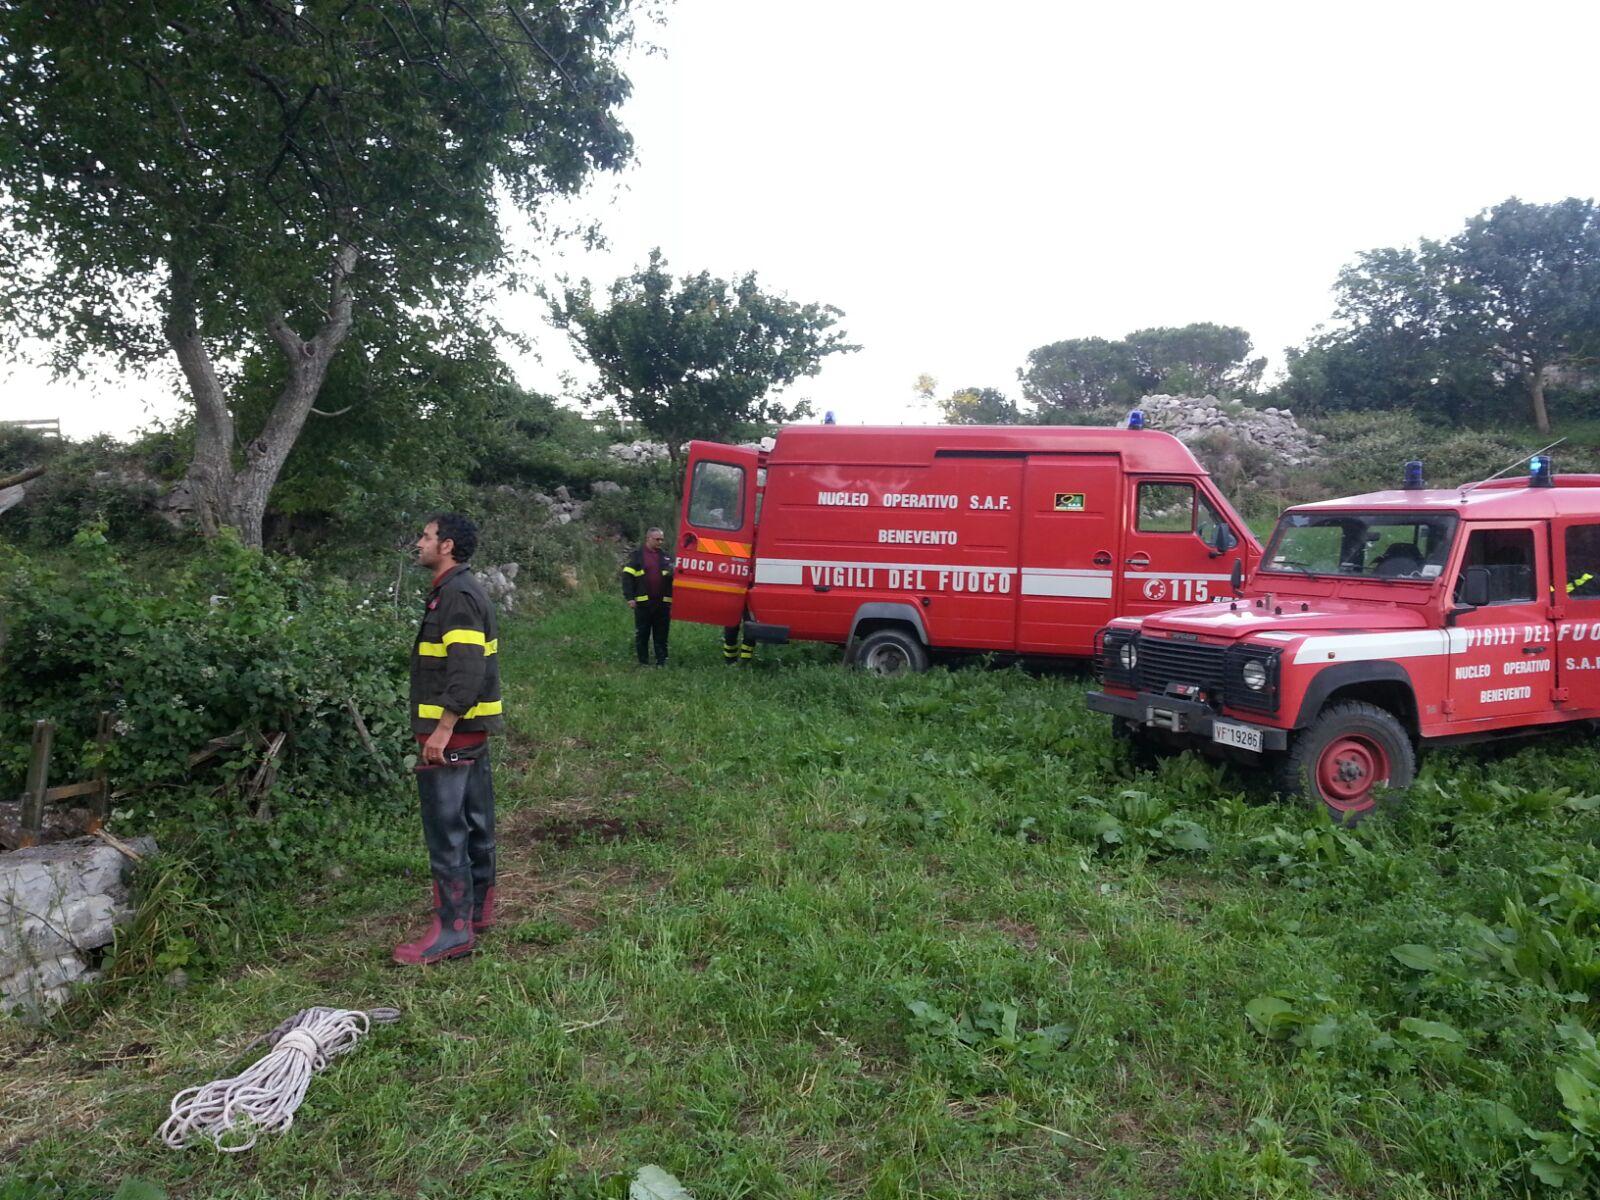 Intervento dei Vigili del Fuoco per salvare un vitellino caduto in un pozzo